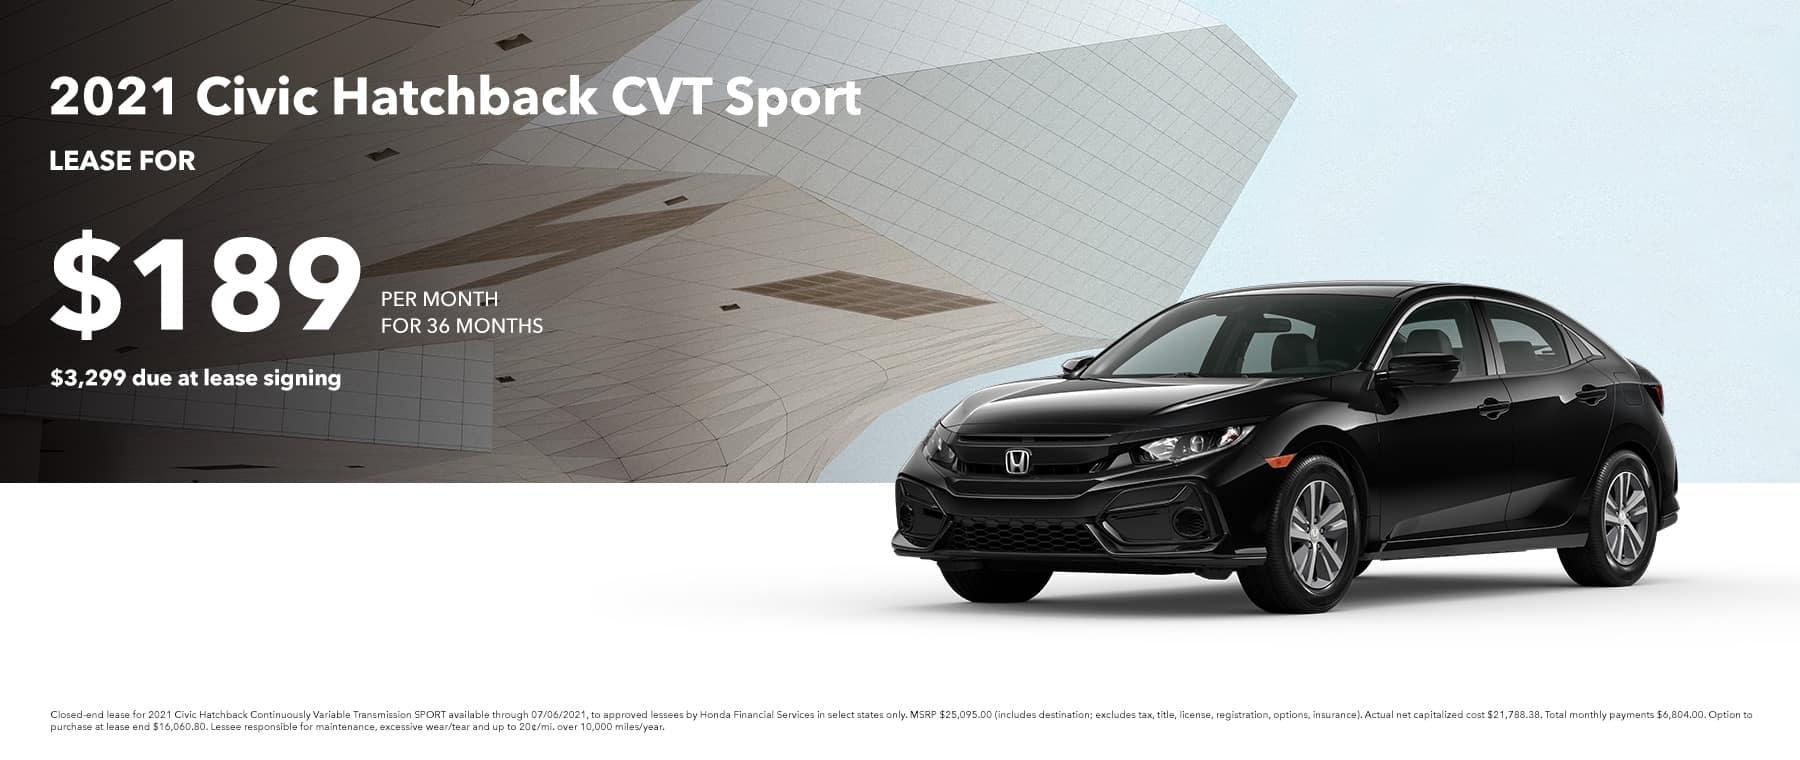 2021 Civic Hatchback CVT SPORT, $189 per month for 36 months $3,299 due at signing